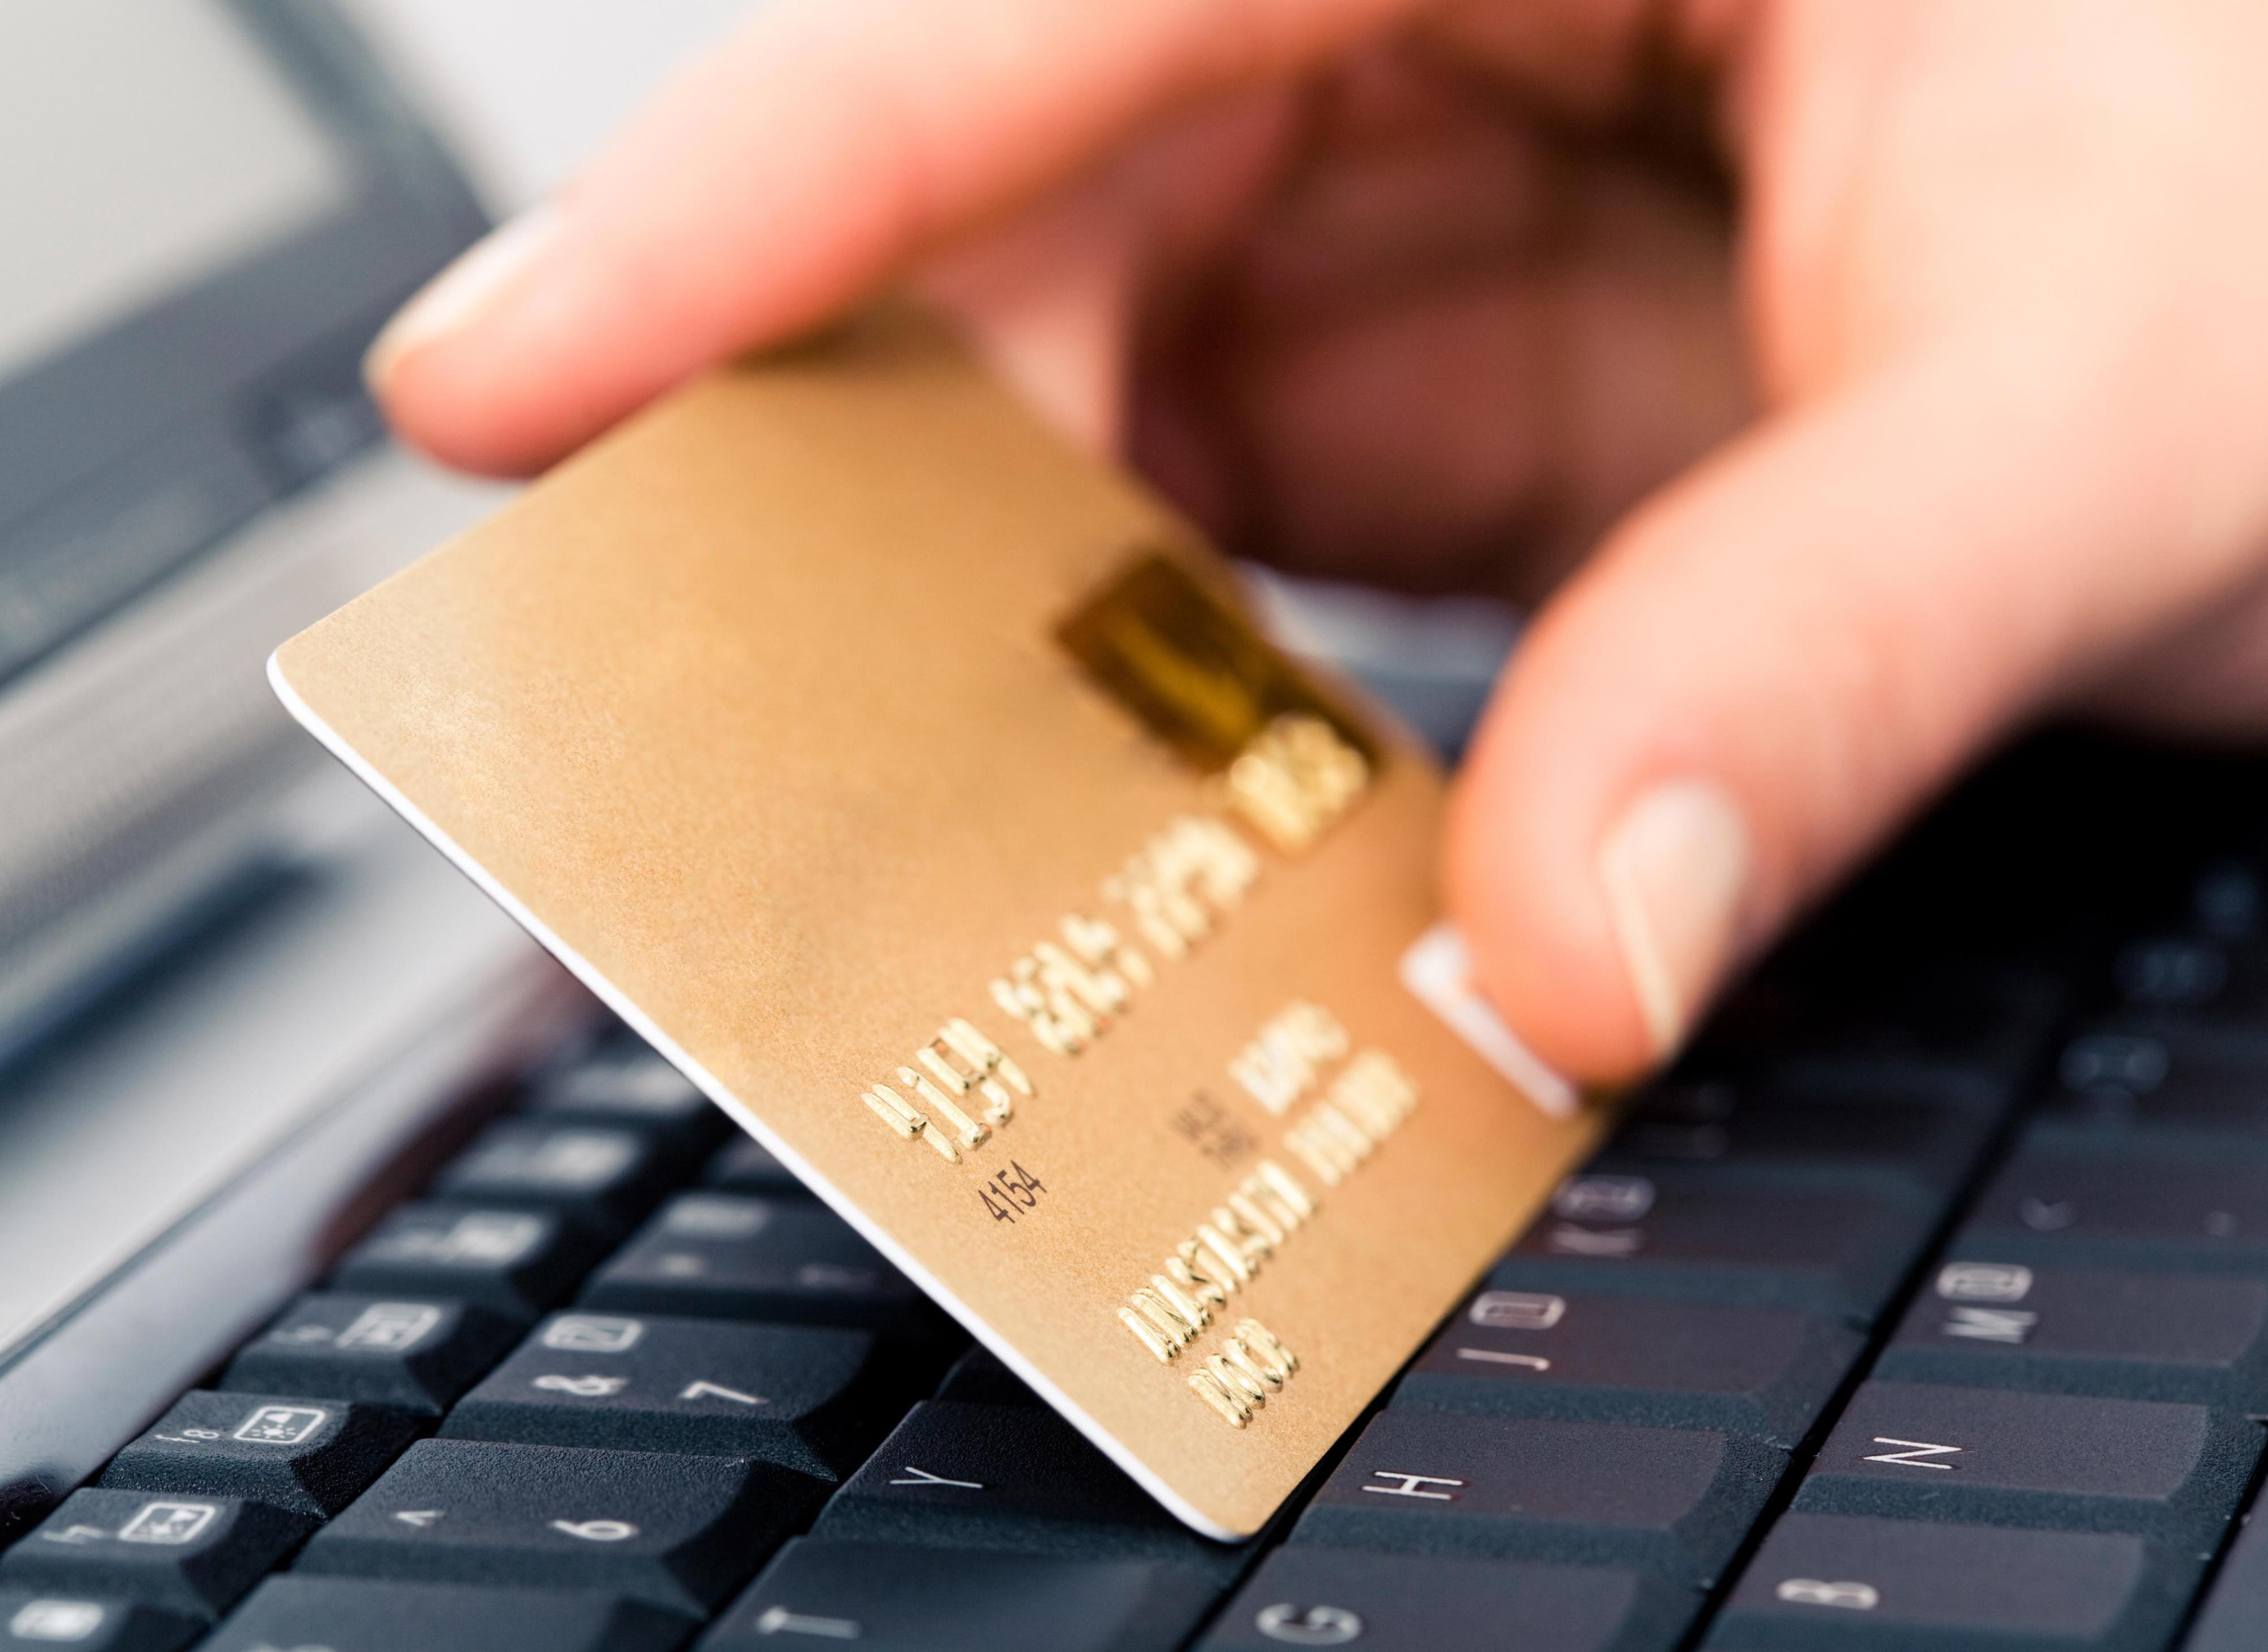 1c07479b5a1 Все магазины России обяжут принимать к оплате карты с 1 января 2023 года